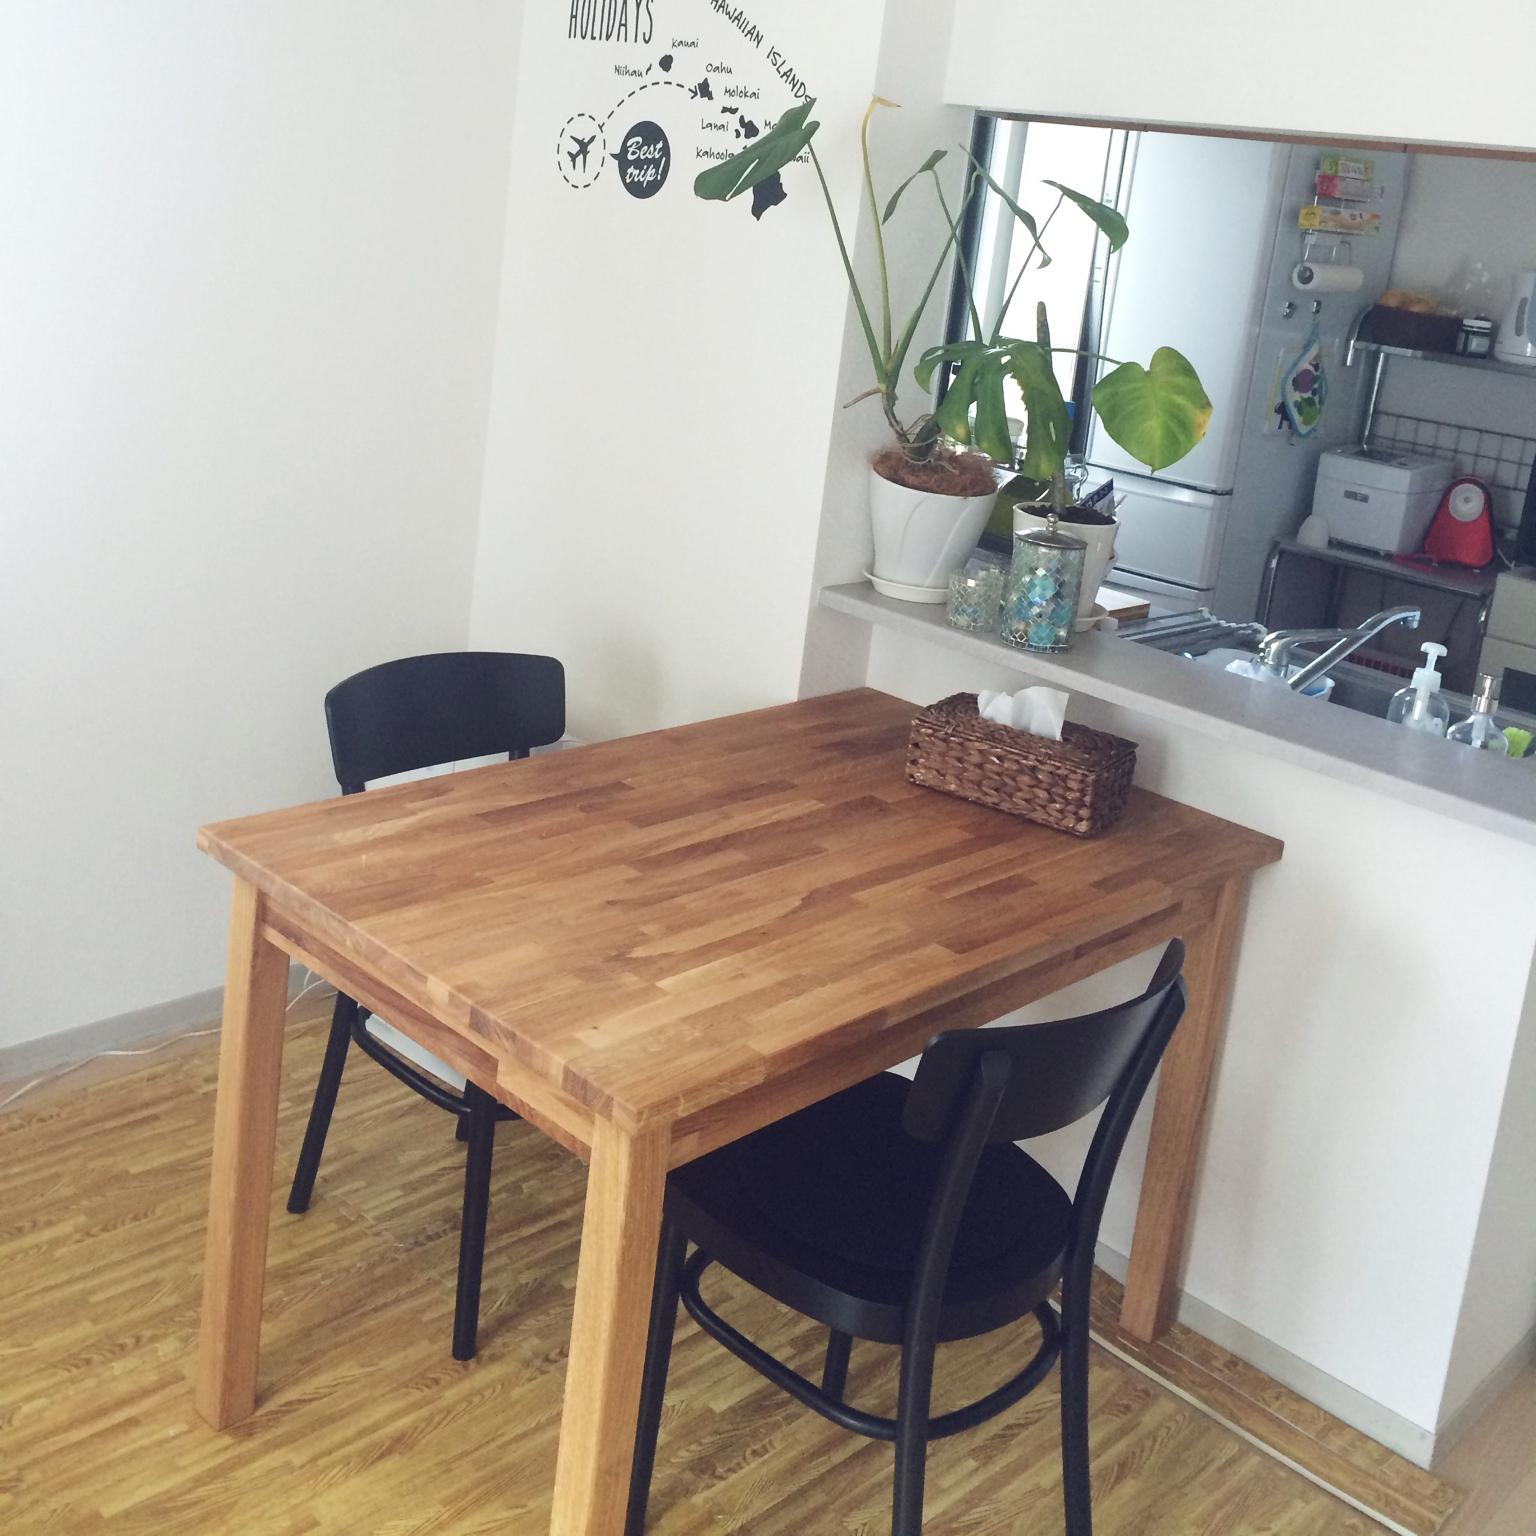 シンプルだから使いやすい!IKEAのダイニングテーブル | RoomClip mag | 暮らしとインテリアのwebマガジン